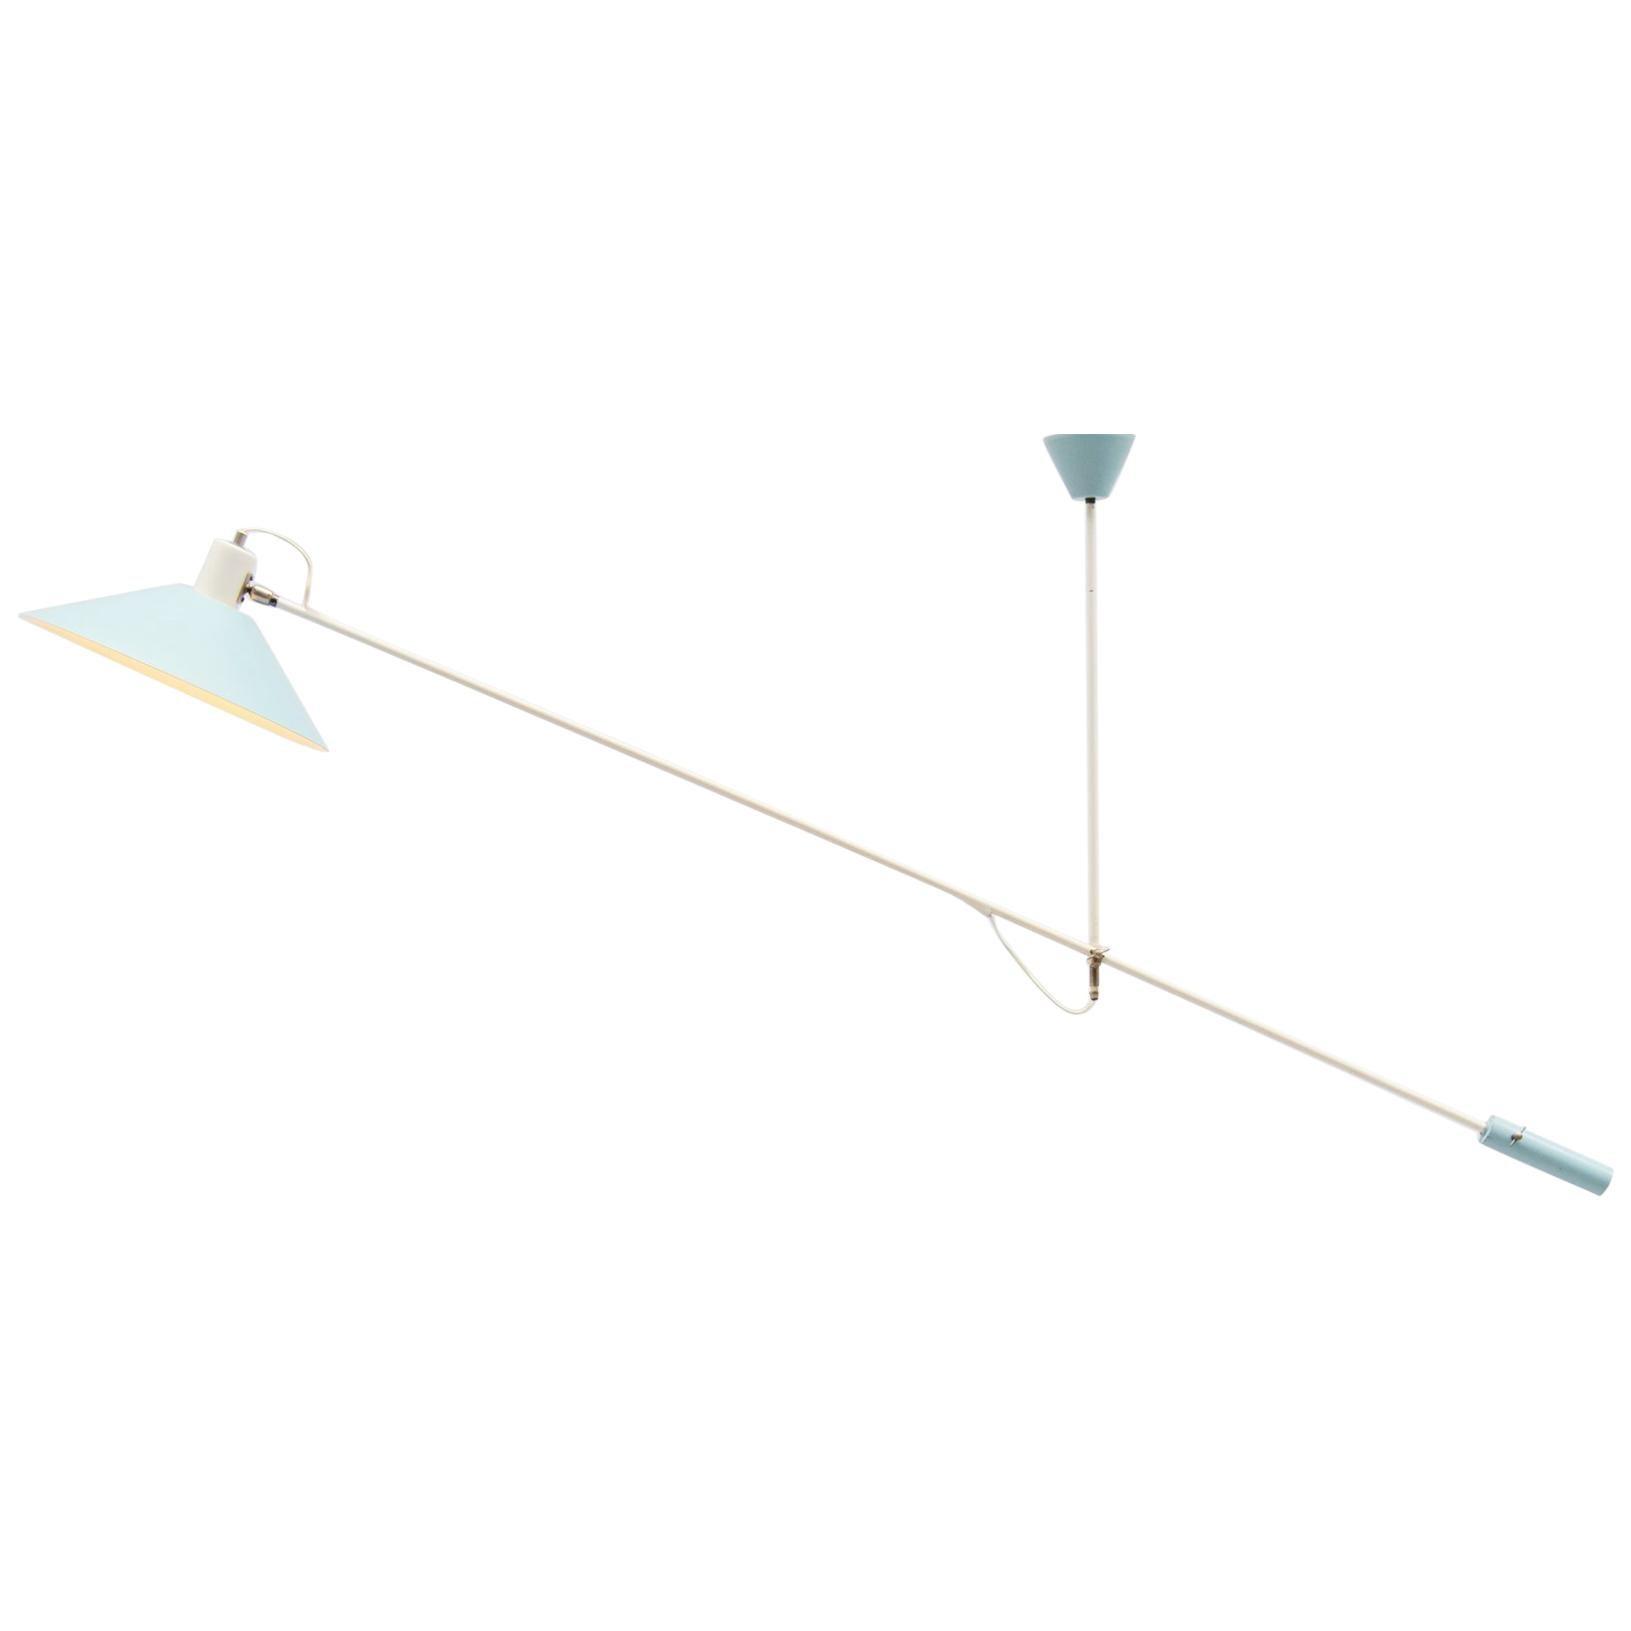 JJM Hoogervorst Anvia Counter Balance Ceiling Lamp, Holland, 1955